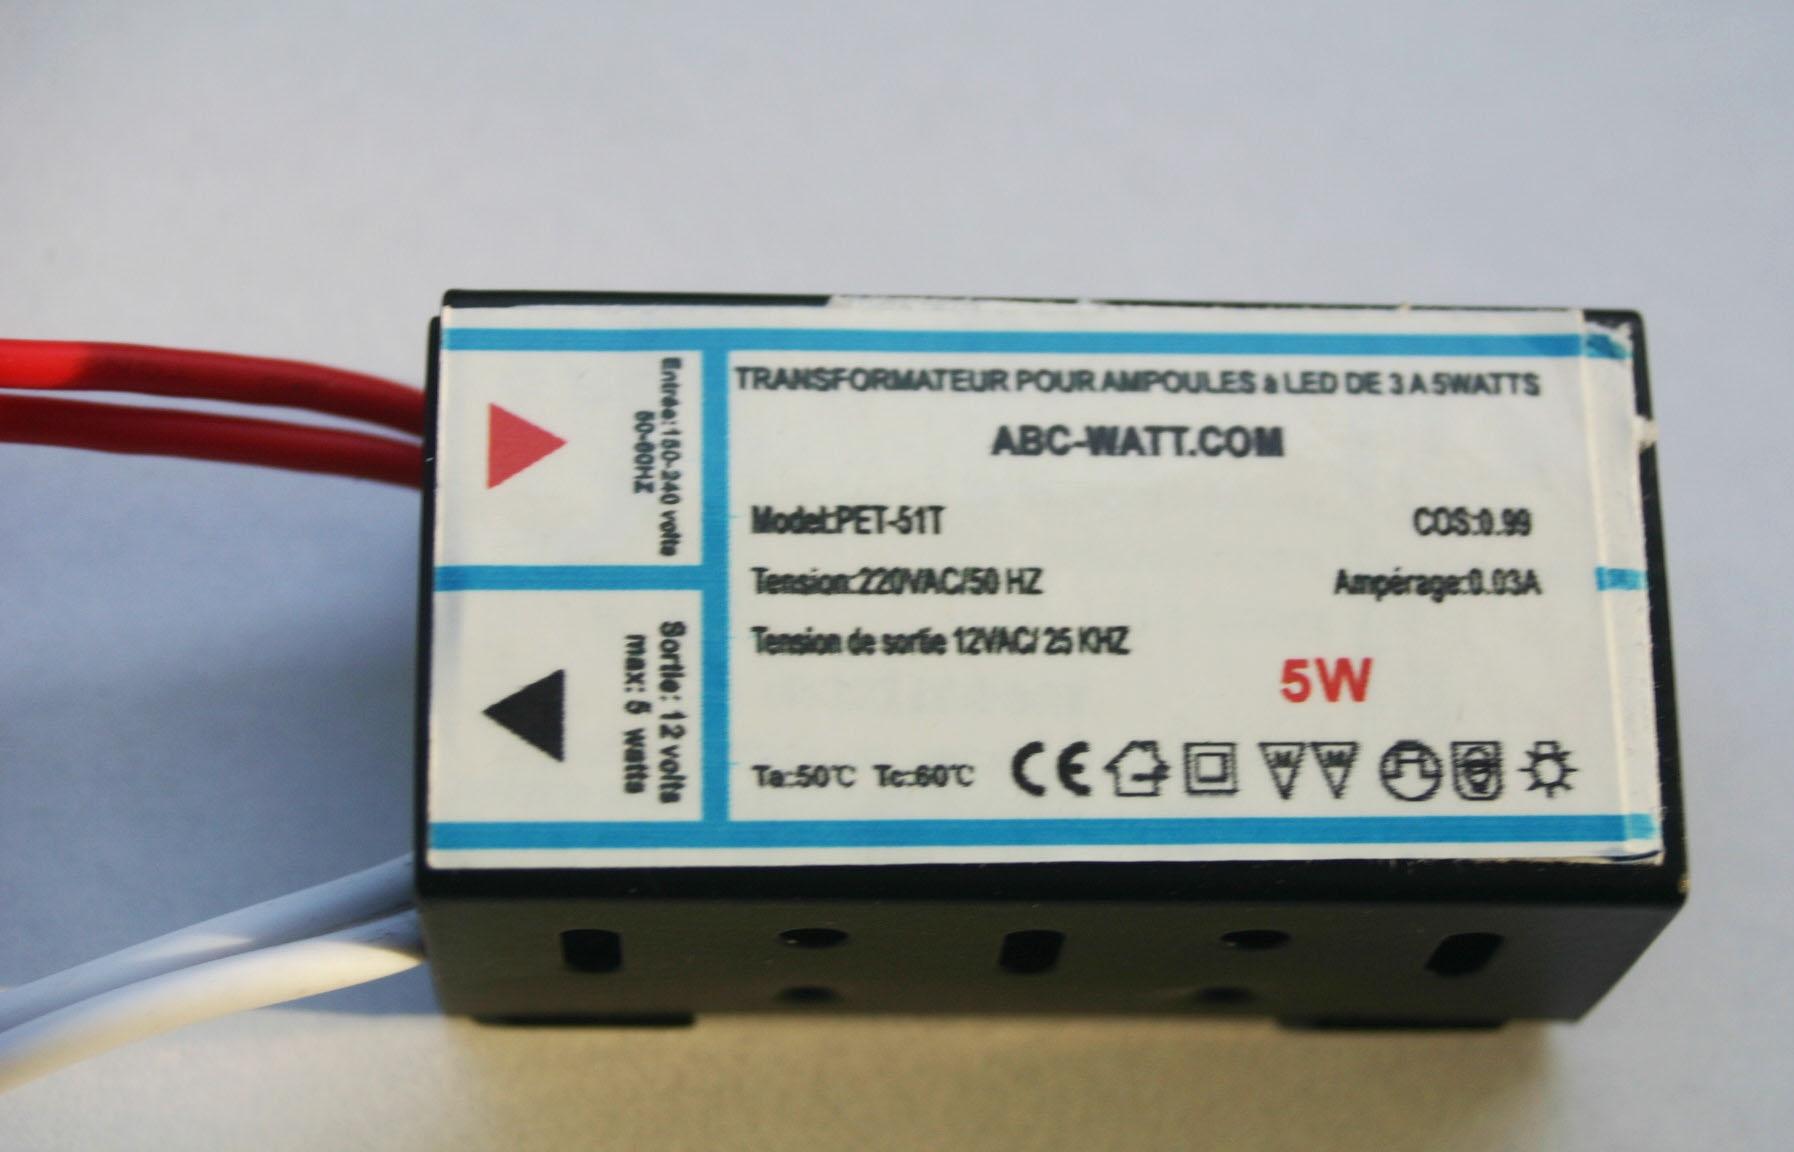 Transformateur pour ampoules à led 12 volts de 3 à 5 watts